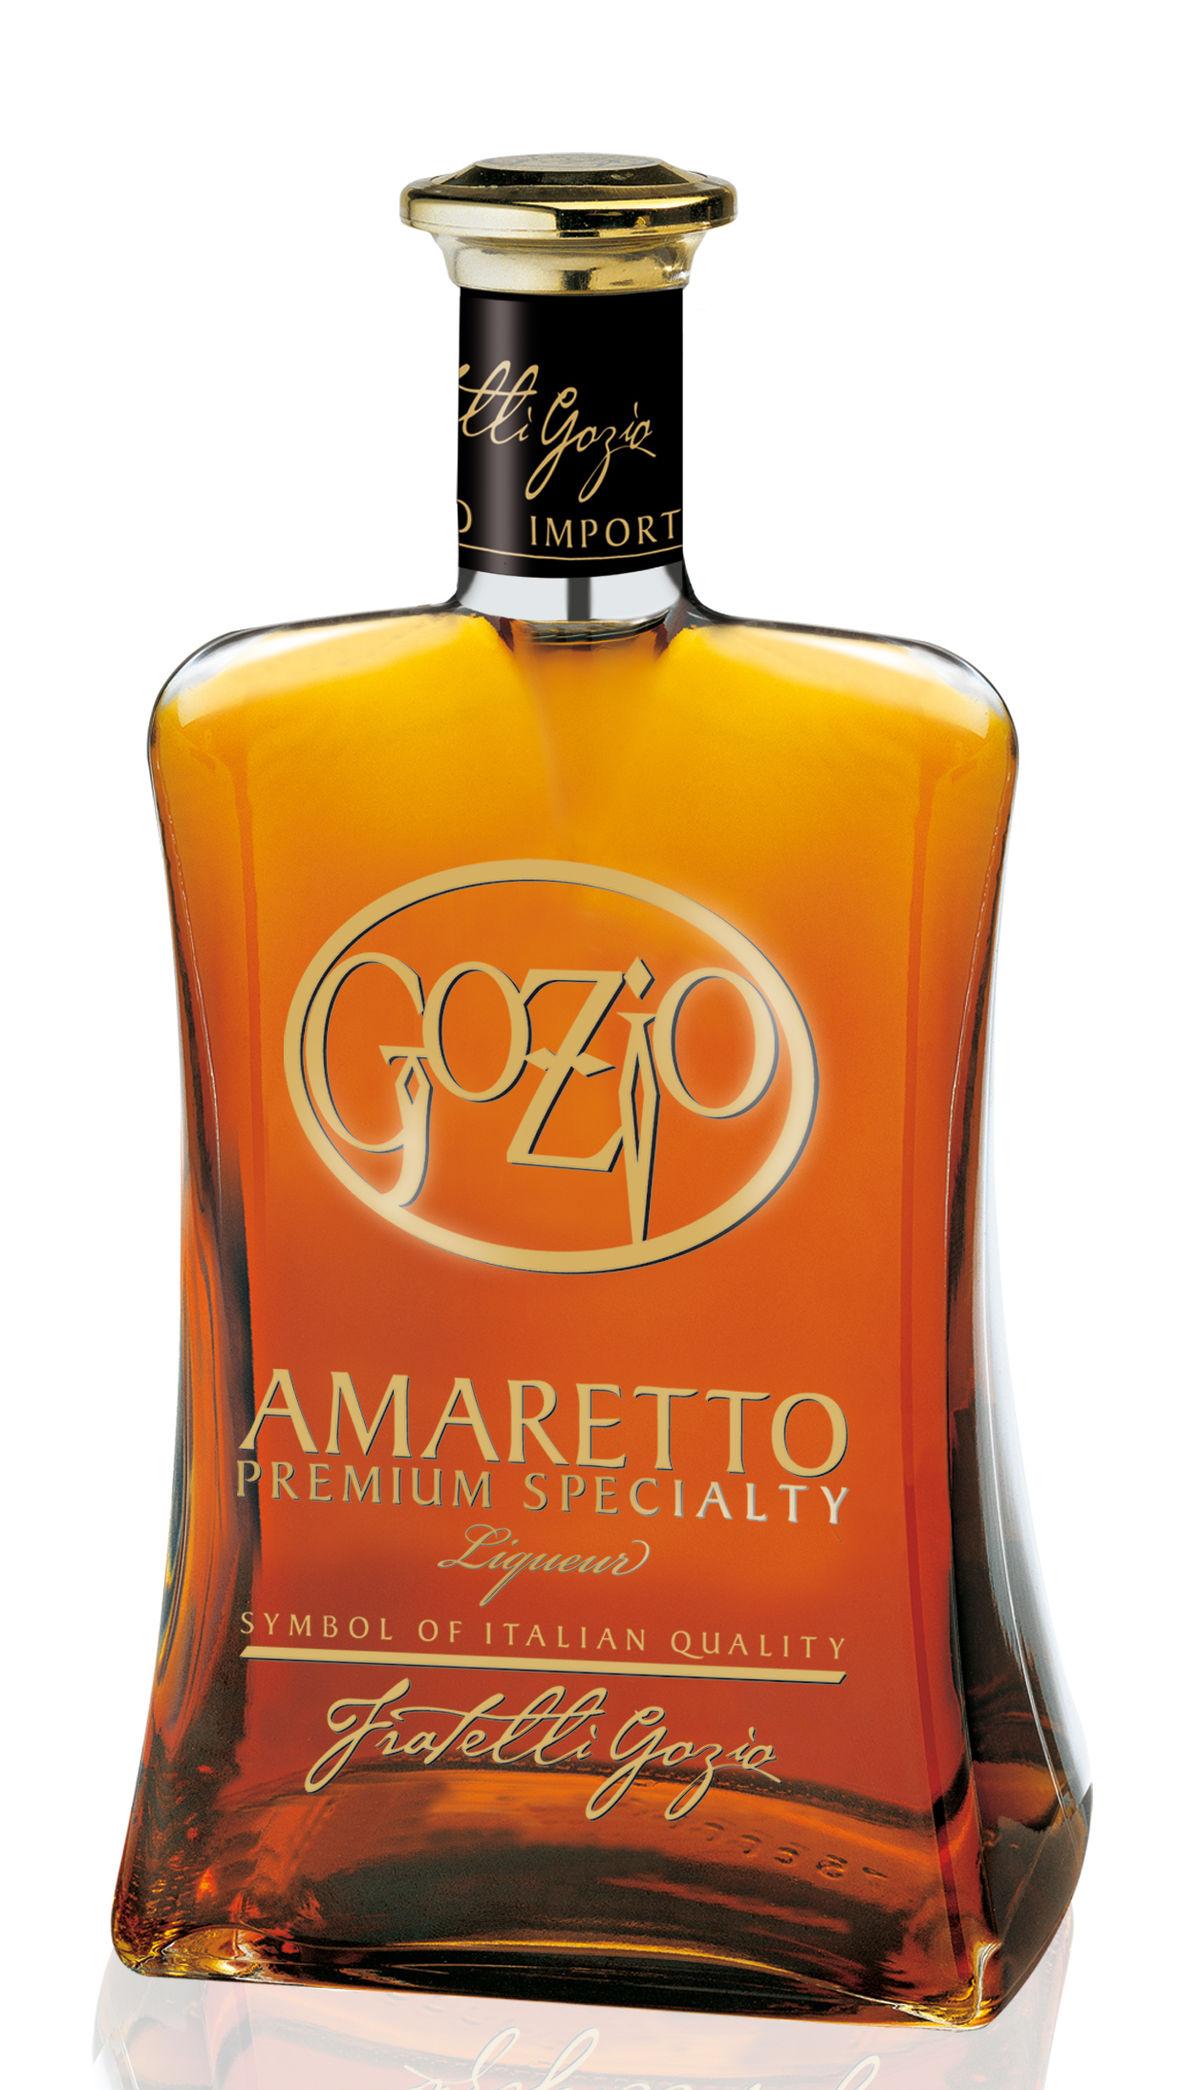 Amaretto Premium Speciality